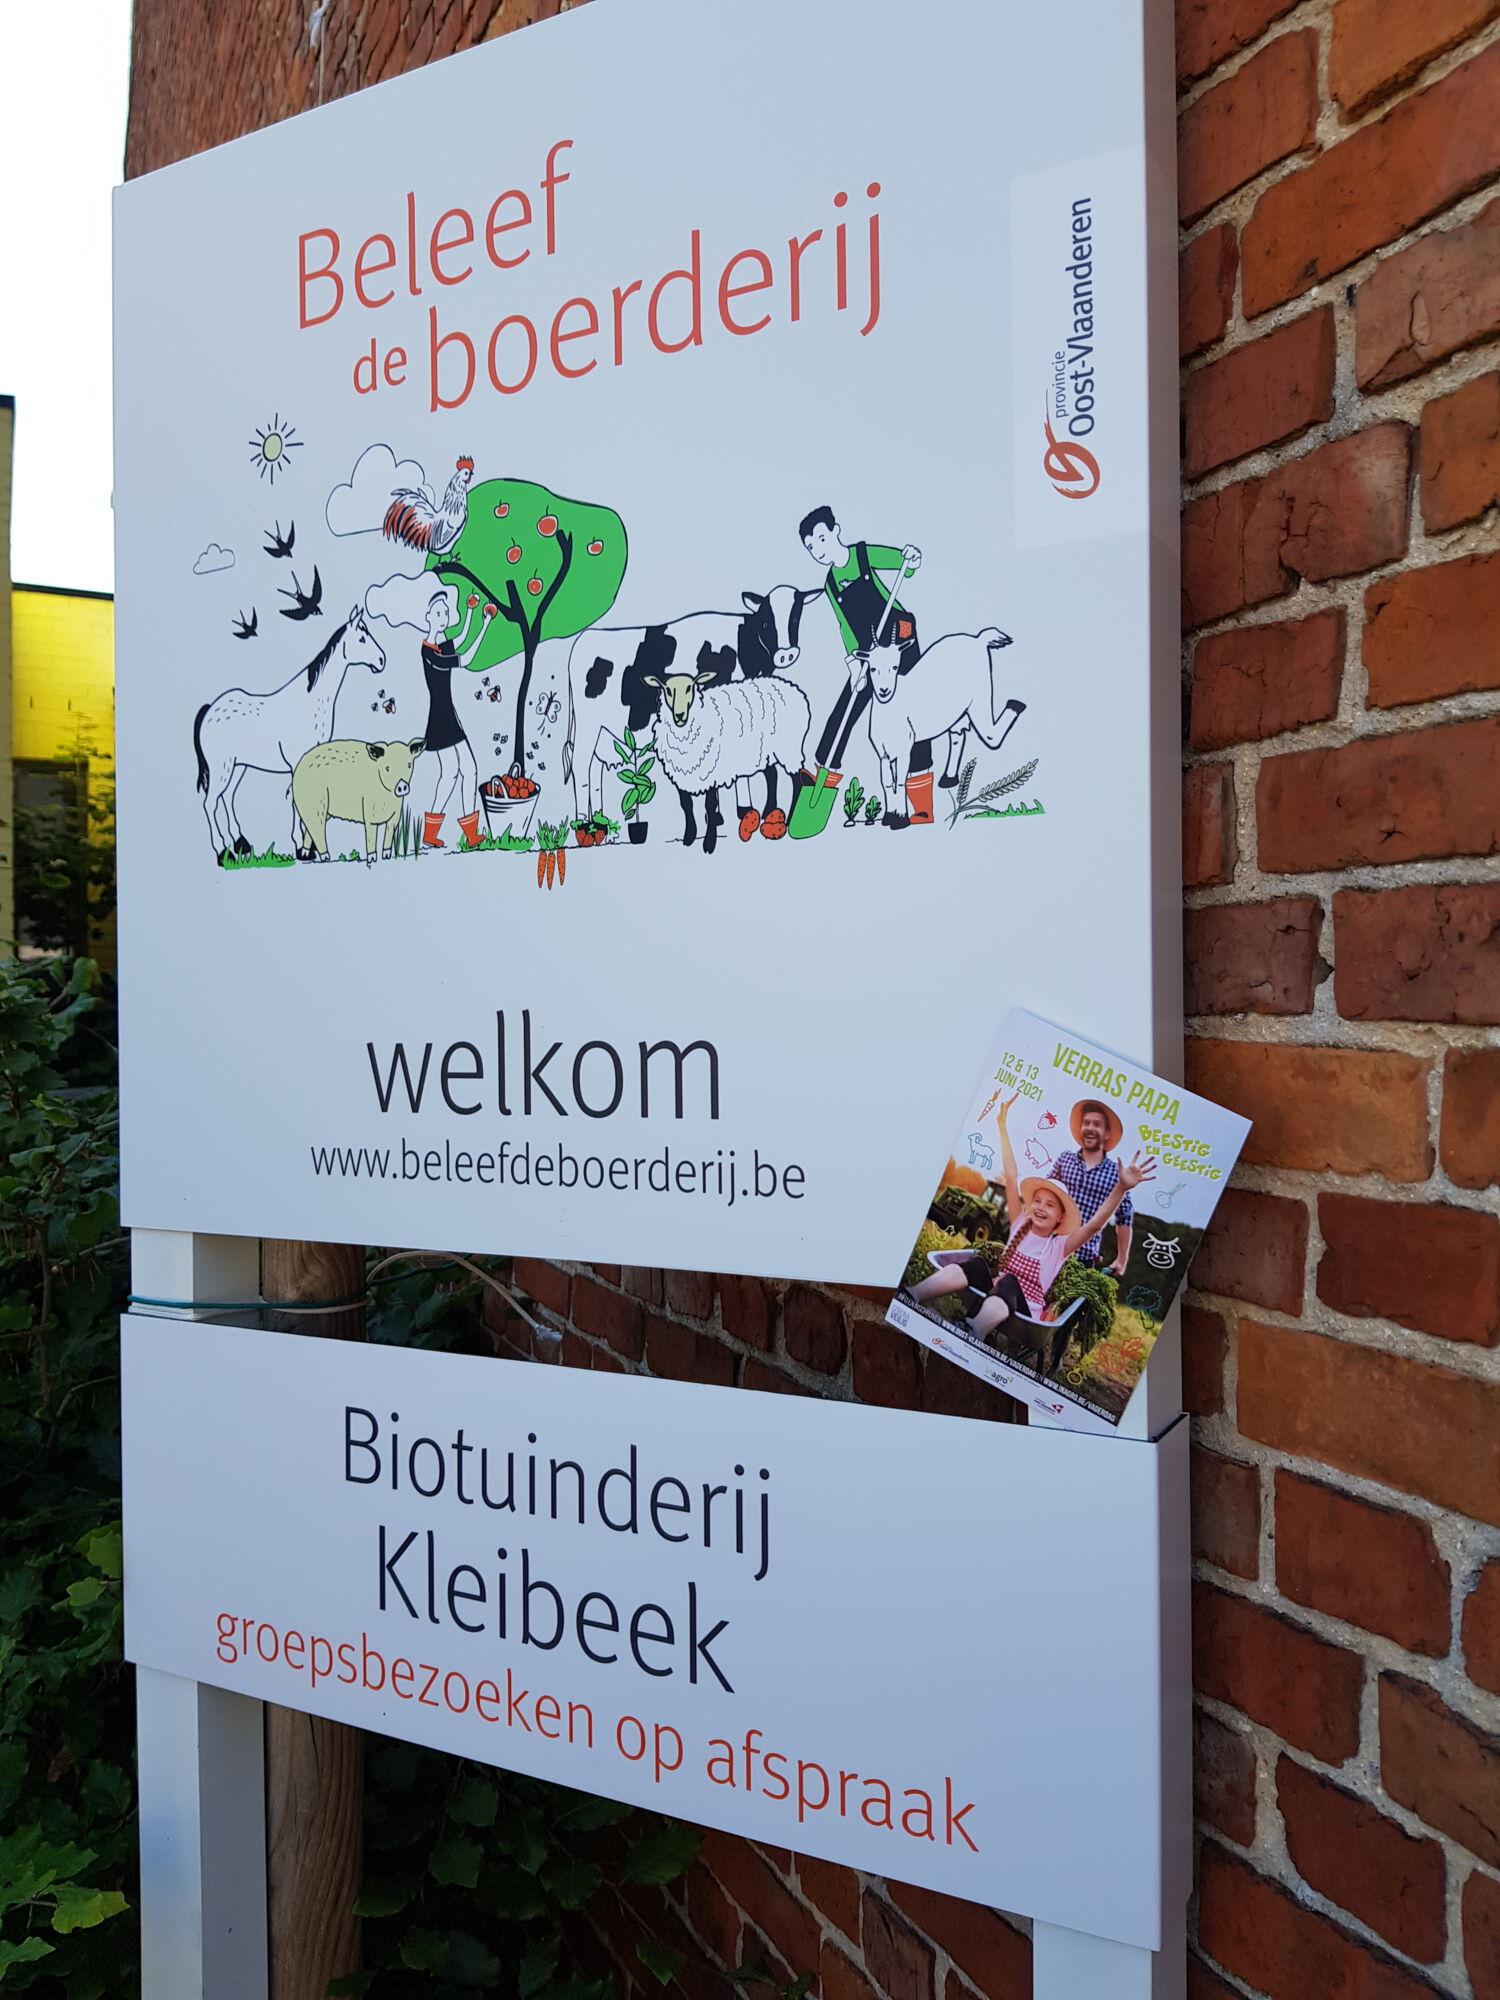 20210613_Verraspapa beestiggeestig_BiotuinderijKleibeek_SGW (9).jpg